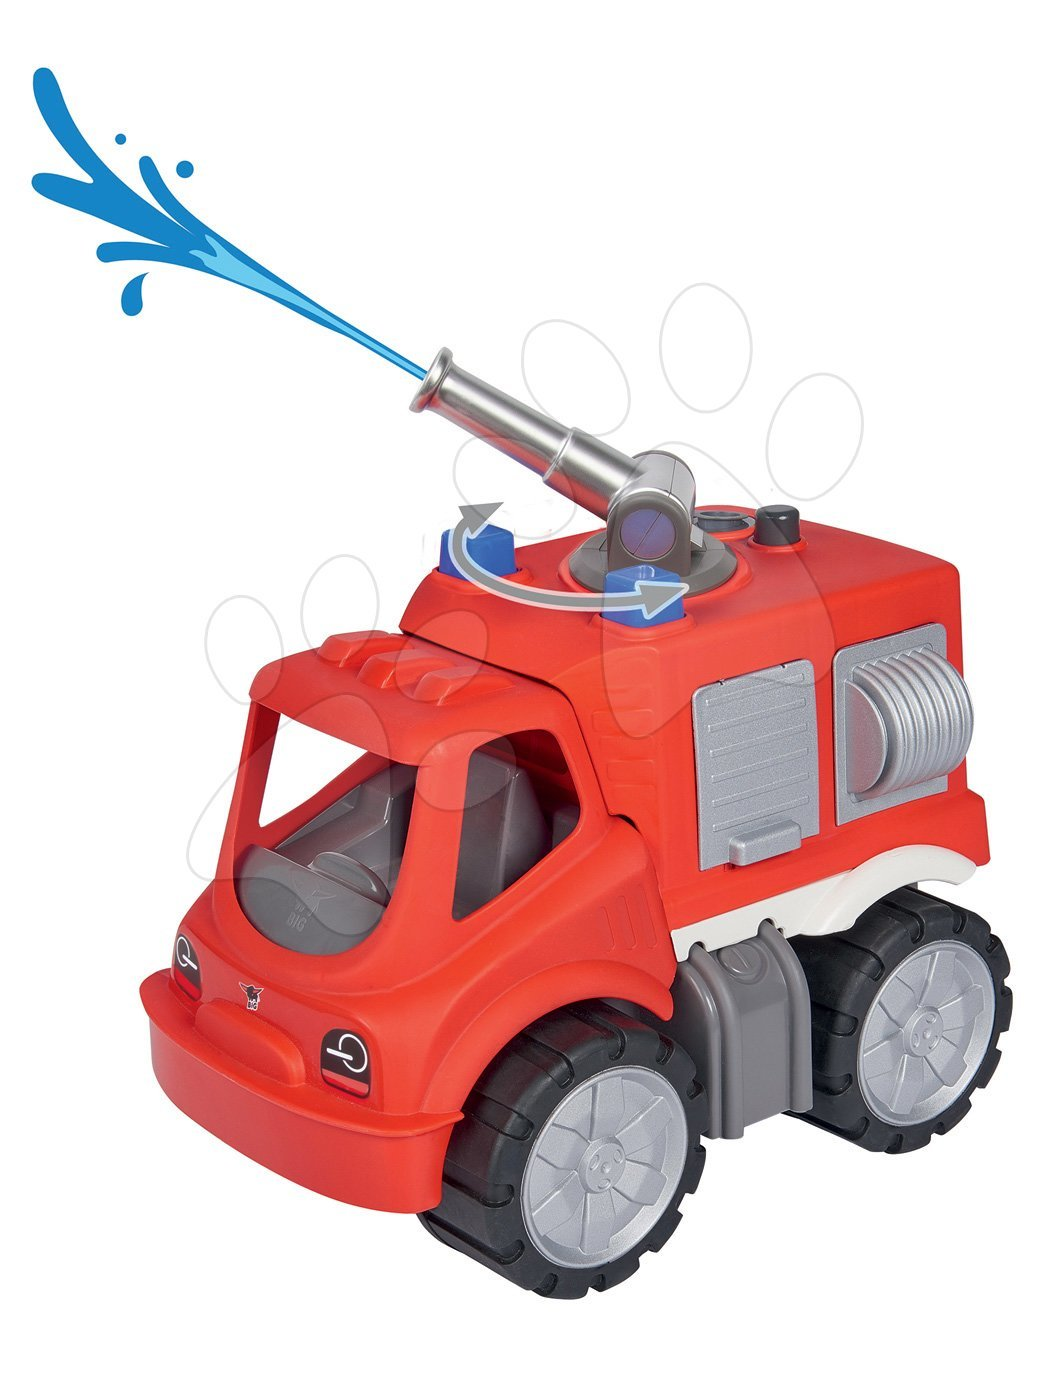 Tűzoltóautó vízágyúval Power Worker Fire Fighter Car BIG piros 2 évtől